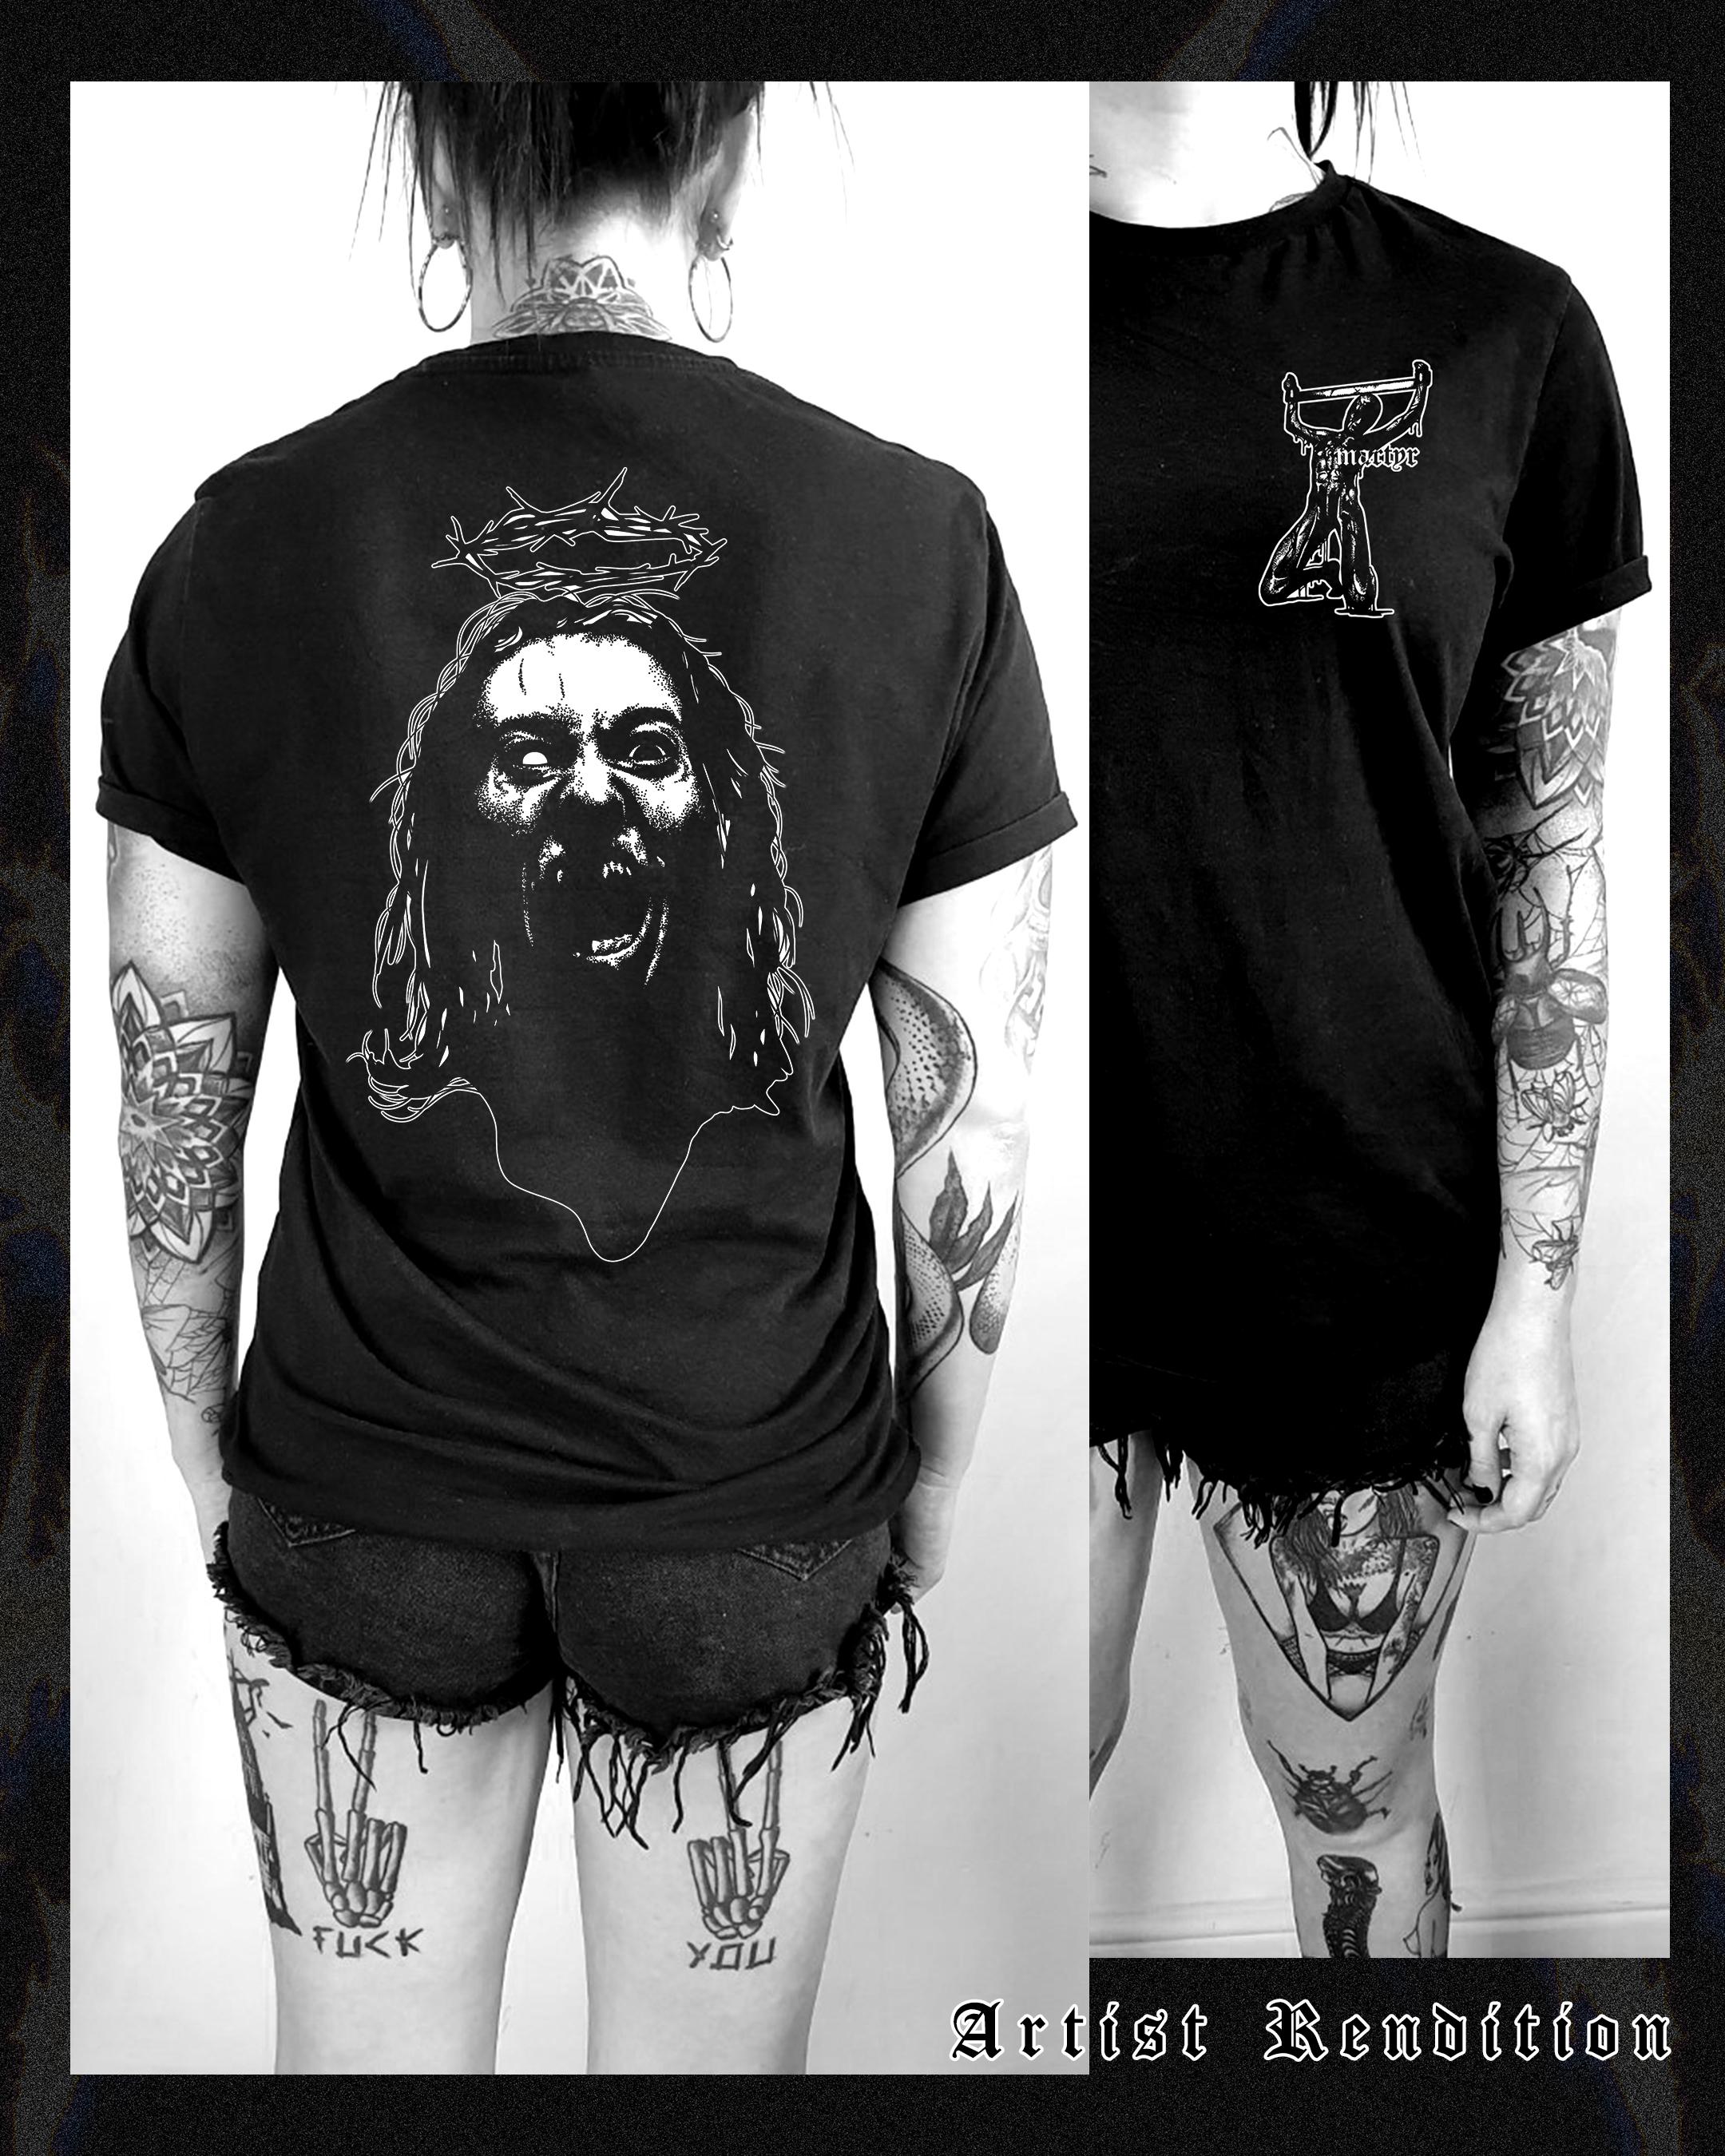 El tshirt composite